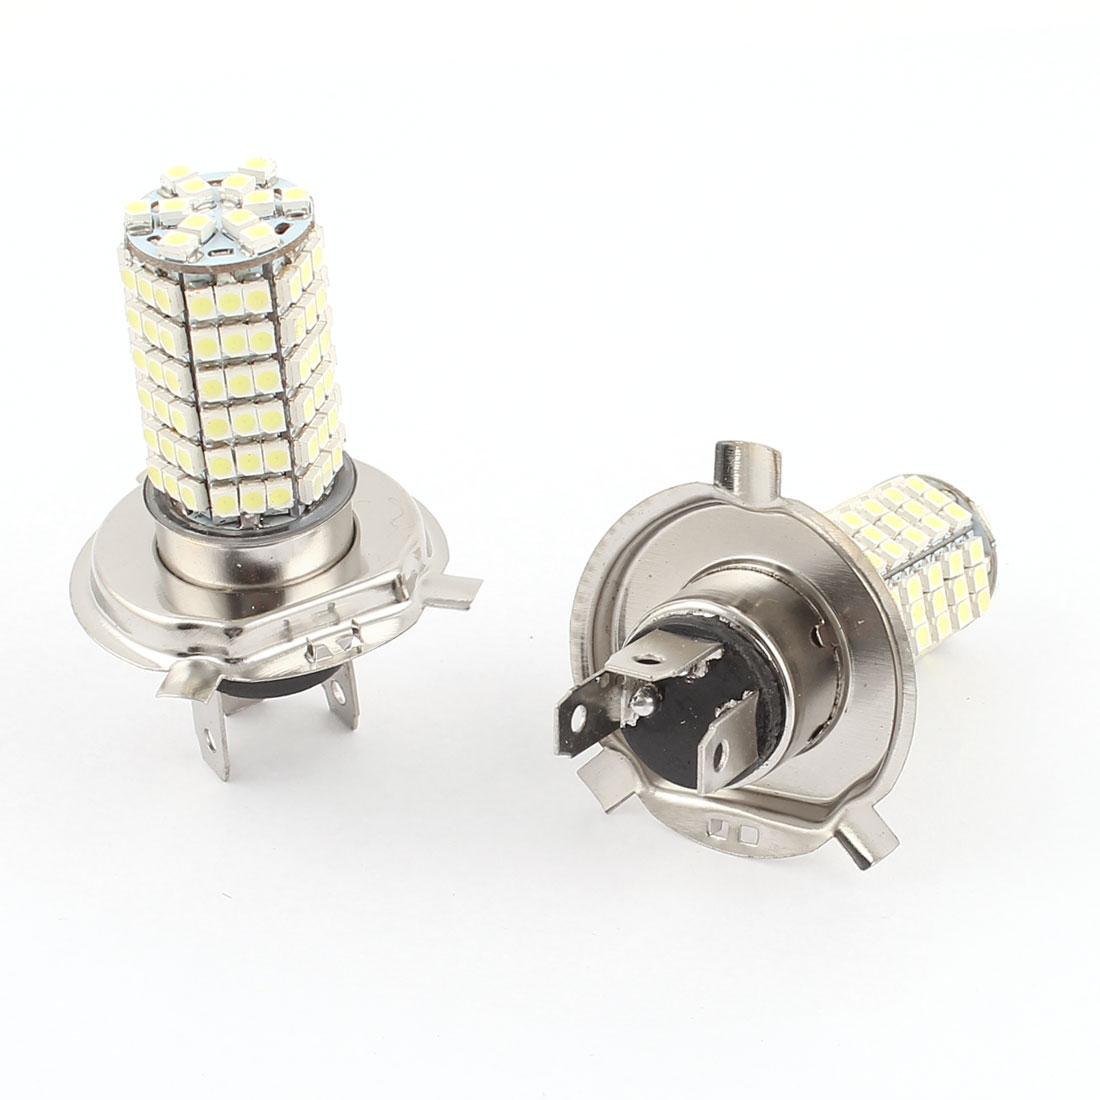 Car 3828 SMD 120 LED H4 DRL Daytime Driving Light Foglamp Head Lamp White DC 12V Pair